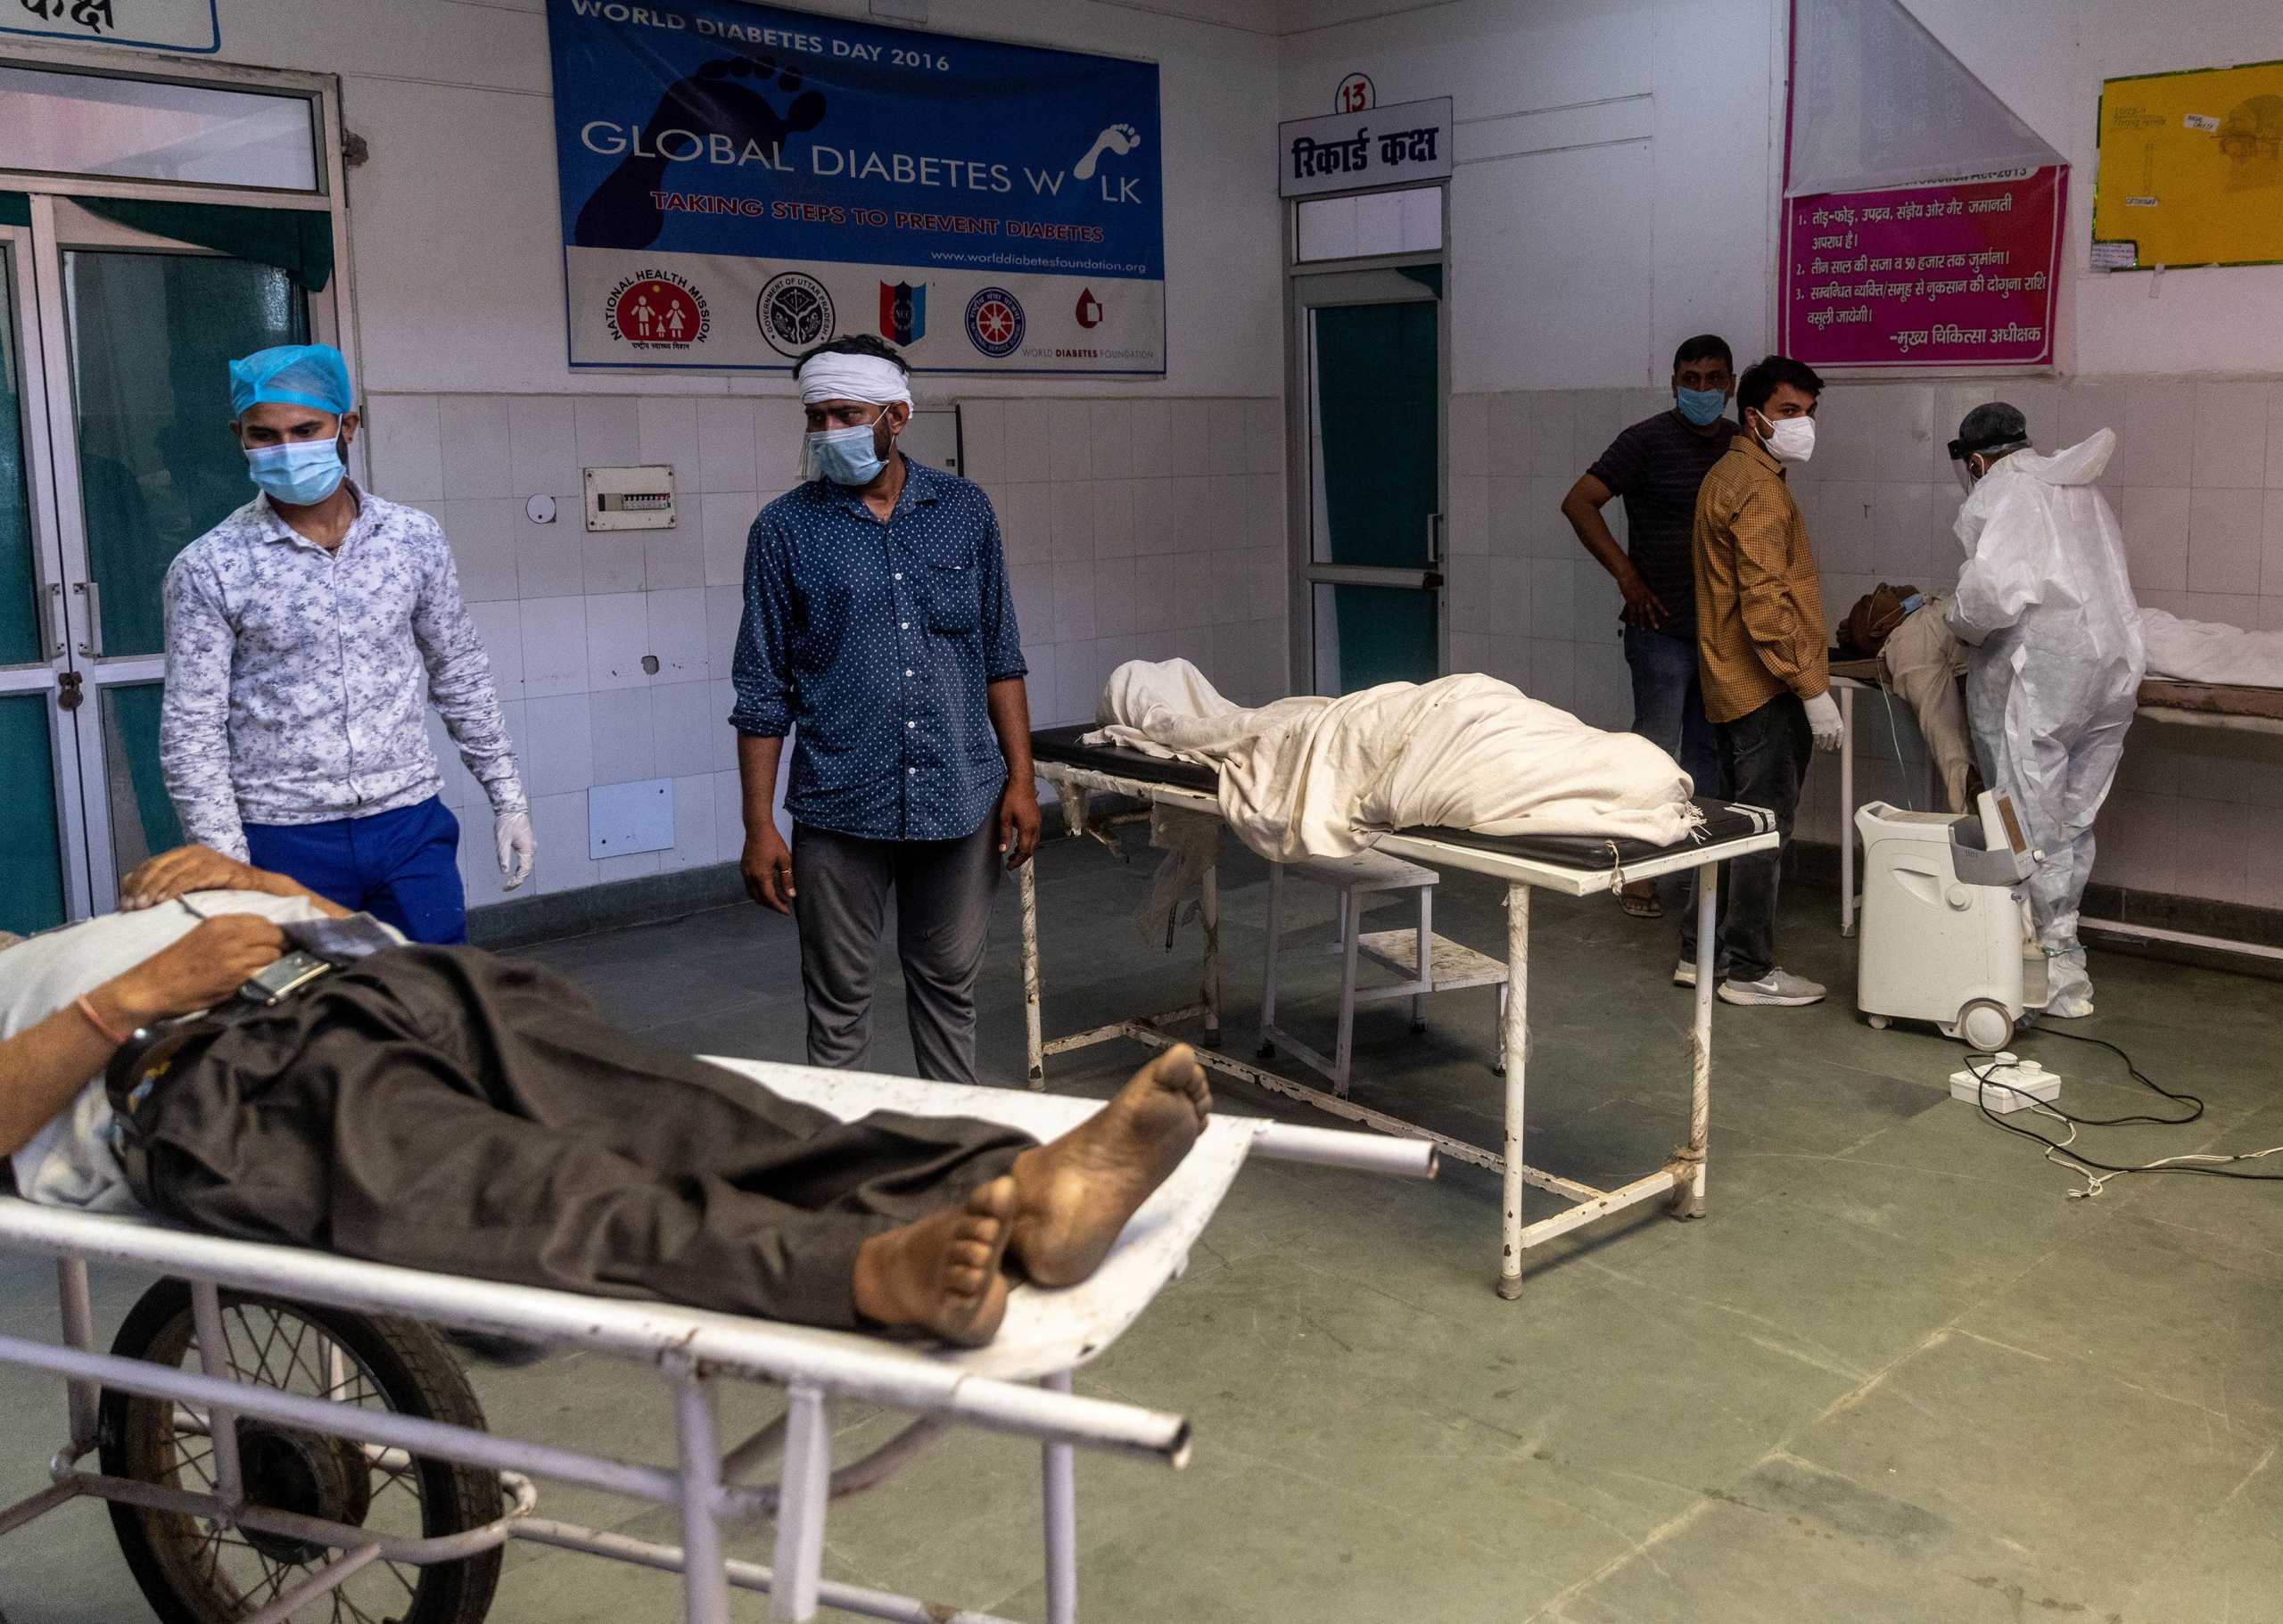 Κορονοϊός: Η Ινδία σπάει το ένα «μαύρο ρεκόρ» μετά το άλλο – 4.205 νεκροί σε ένα 24ωρο